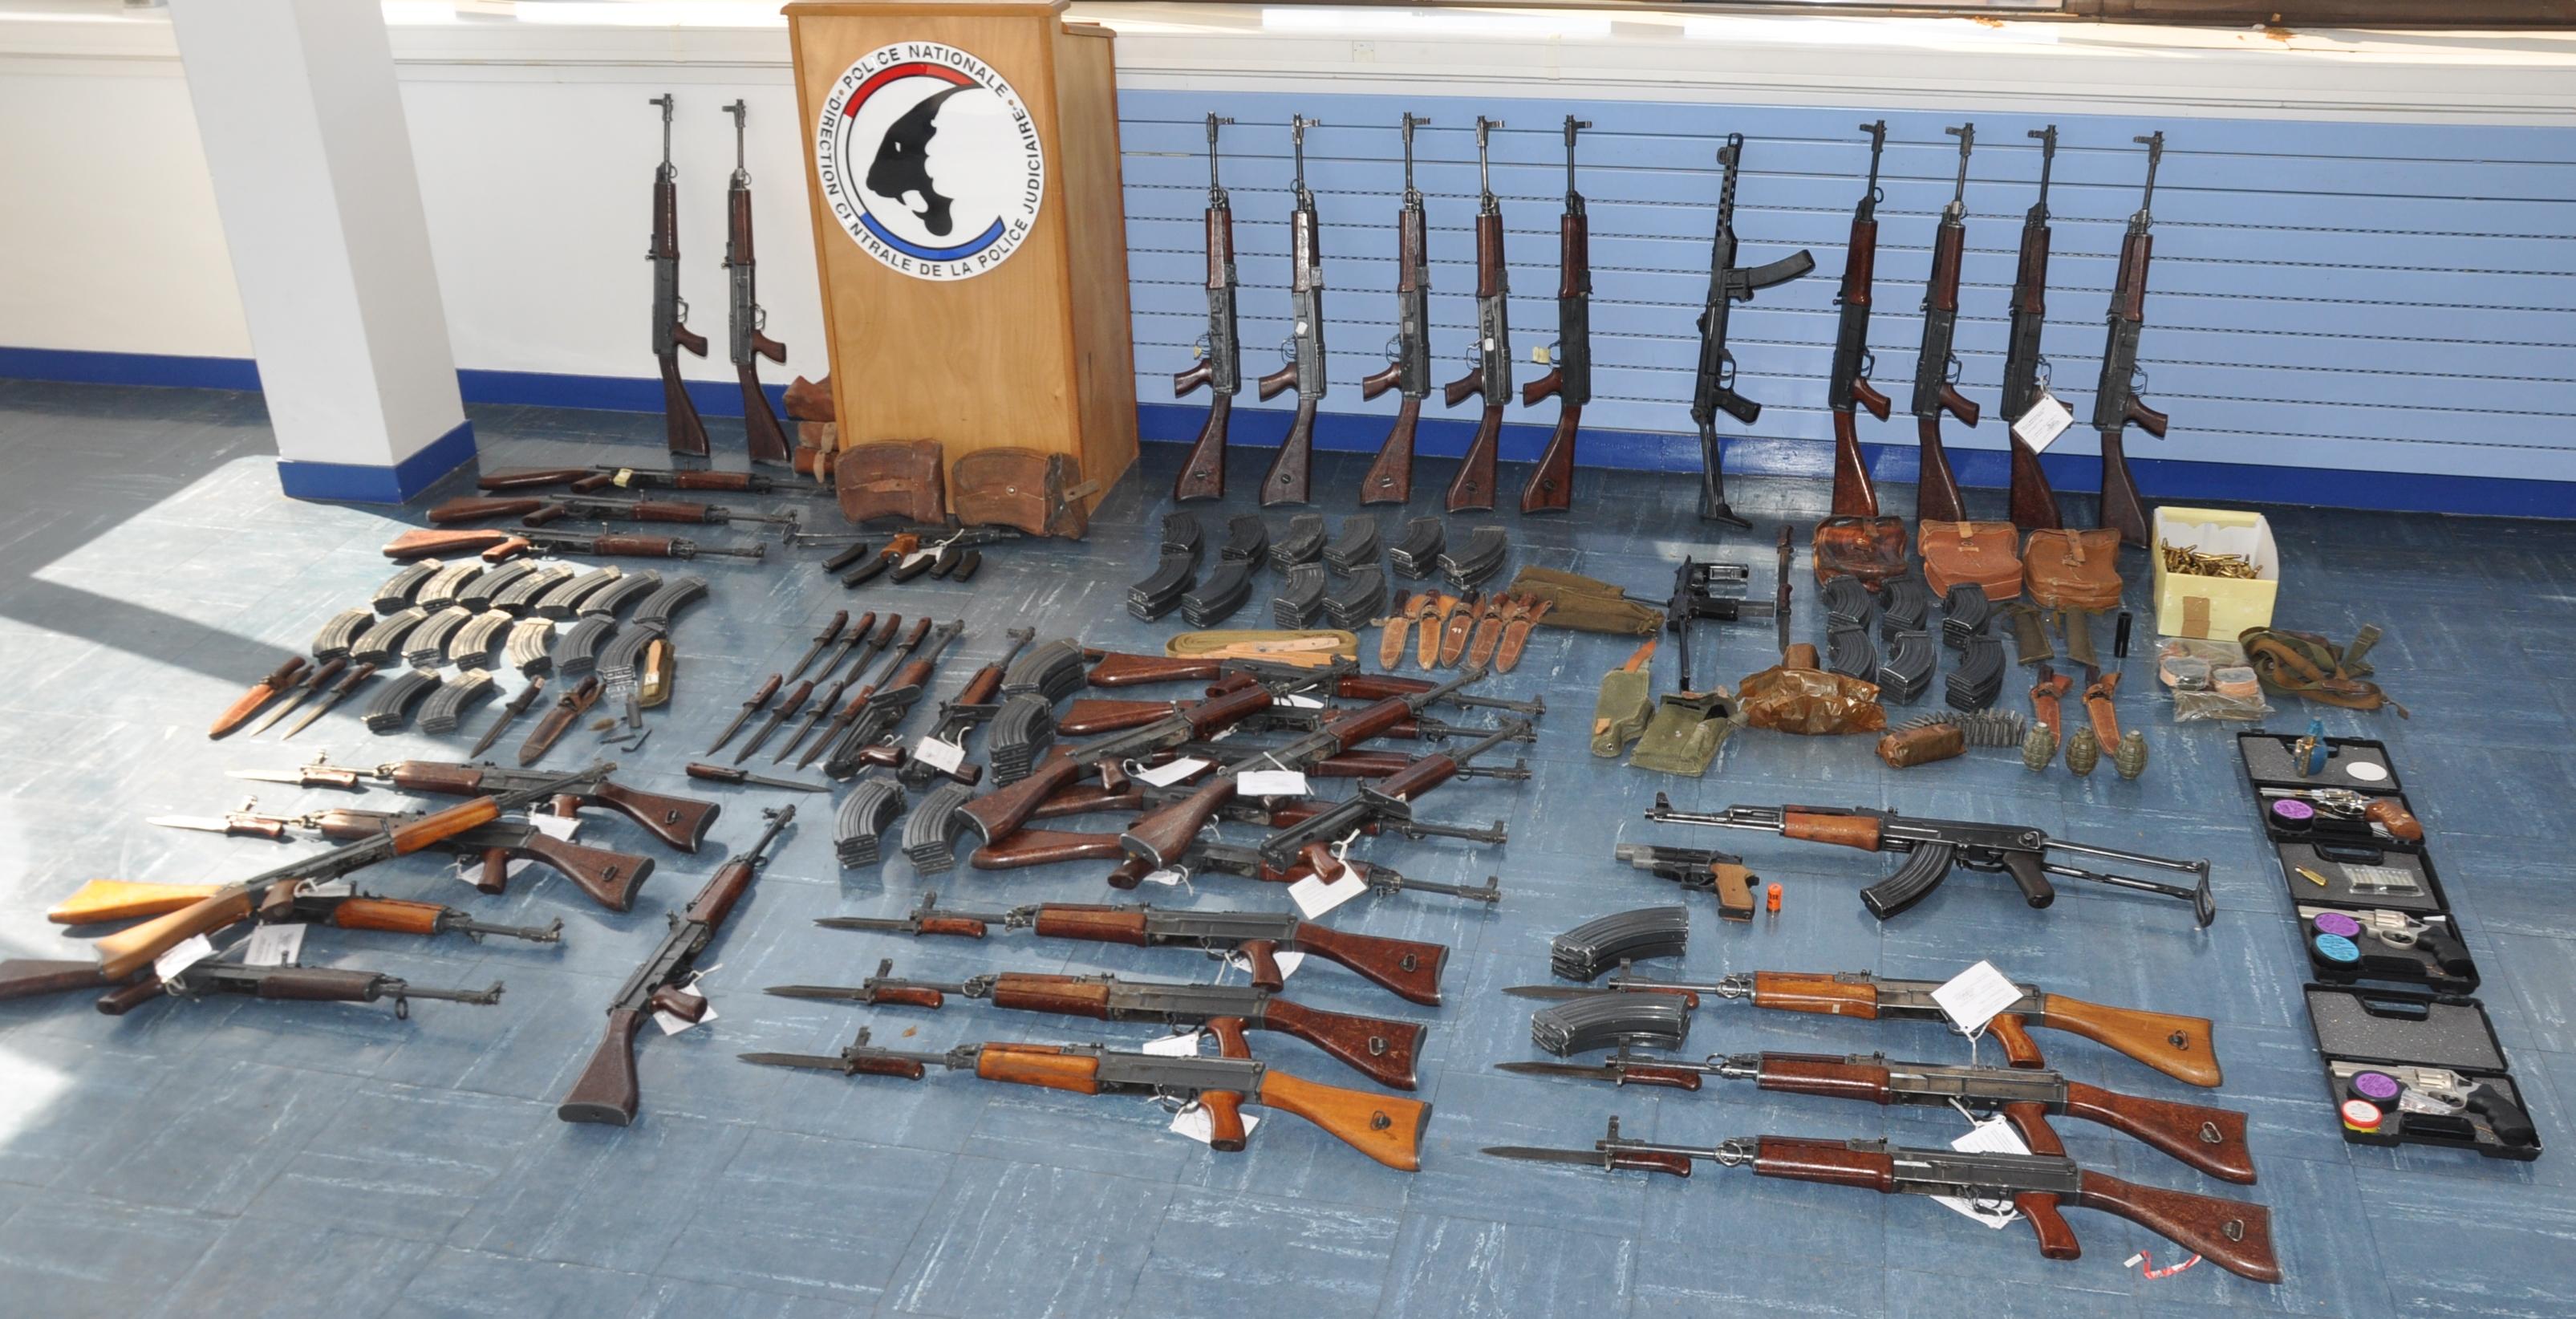 Il achetait les armes en Slovaquie pour en tirer un bénéfice en les revendant en France